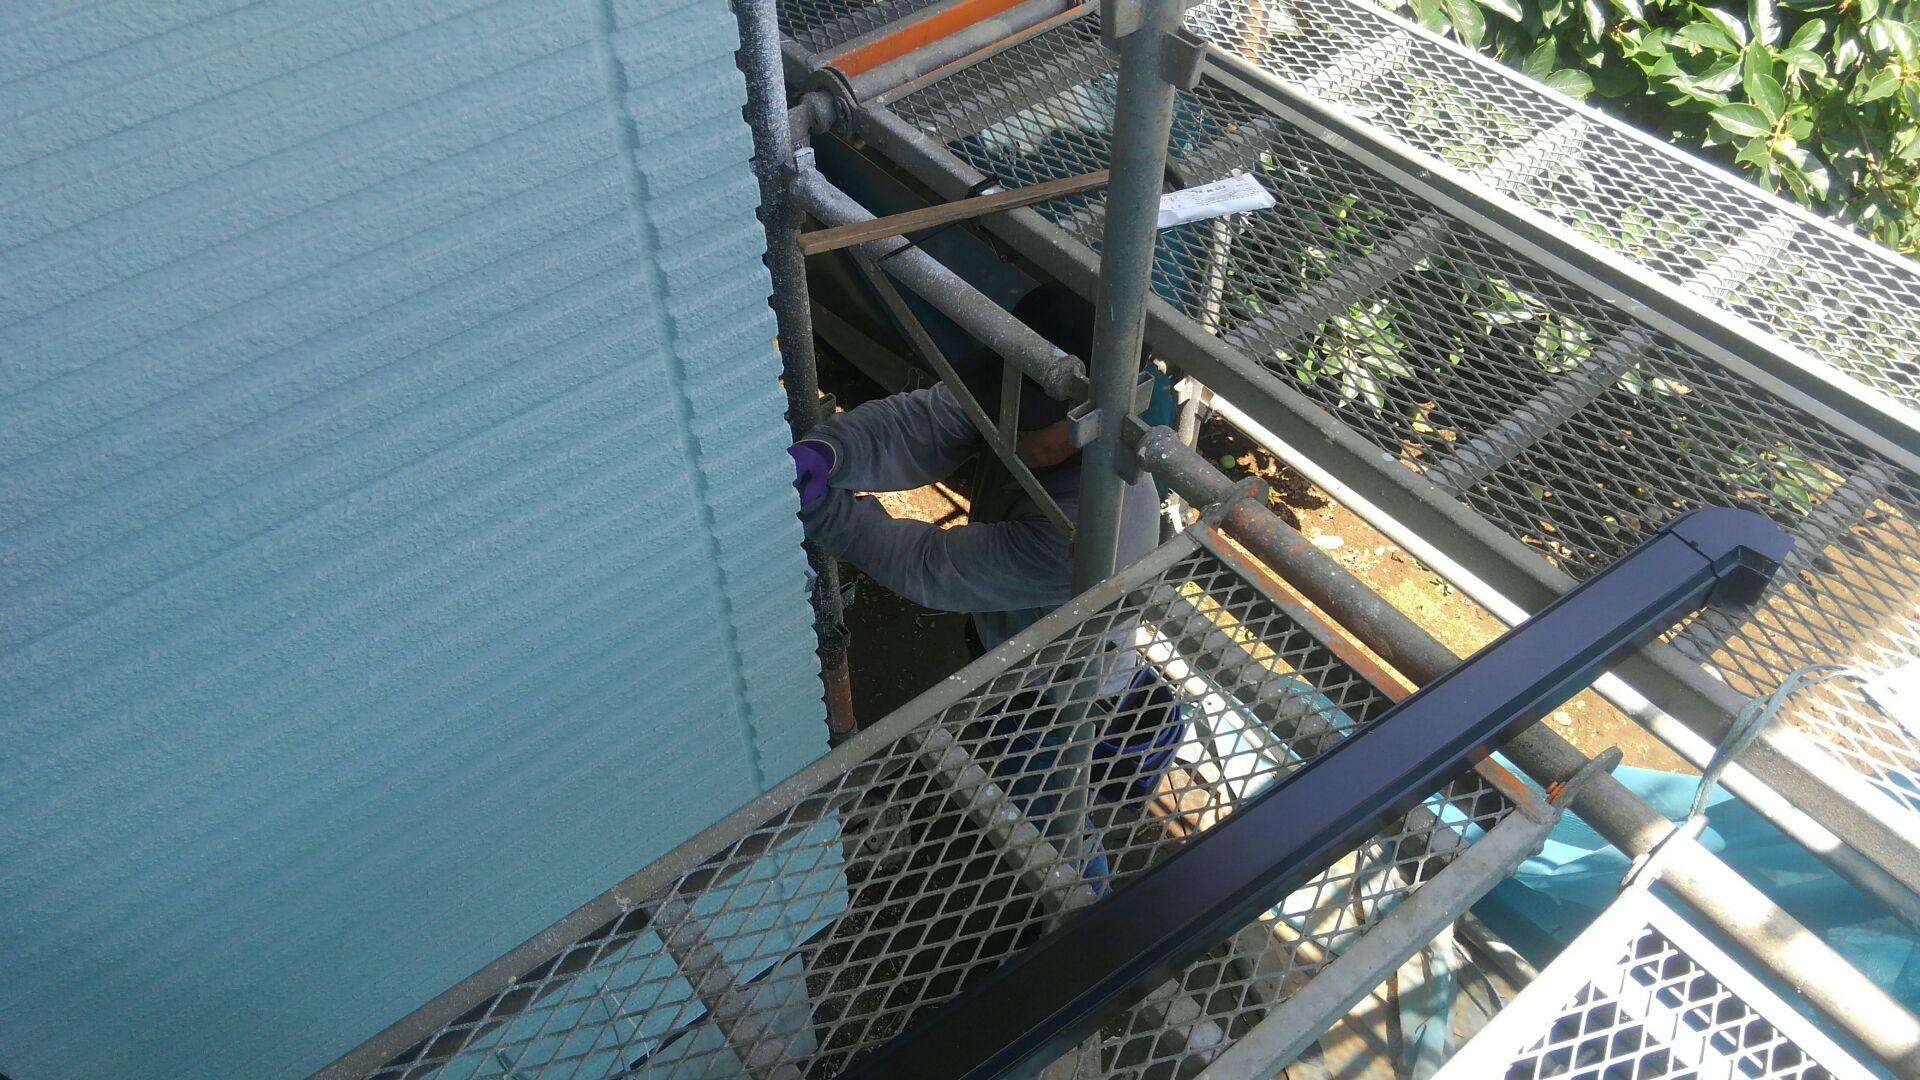 外部では、板金屋さんが縦樋(たてどい)の取付をしています。縦樋とは、軒から地面までの垂直方向に取り付けた樋です。この工事が終わるといよいよ外部足場の解体です。建物の全貌があきらかに。楽しみです!